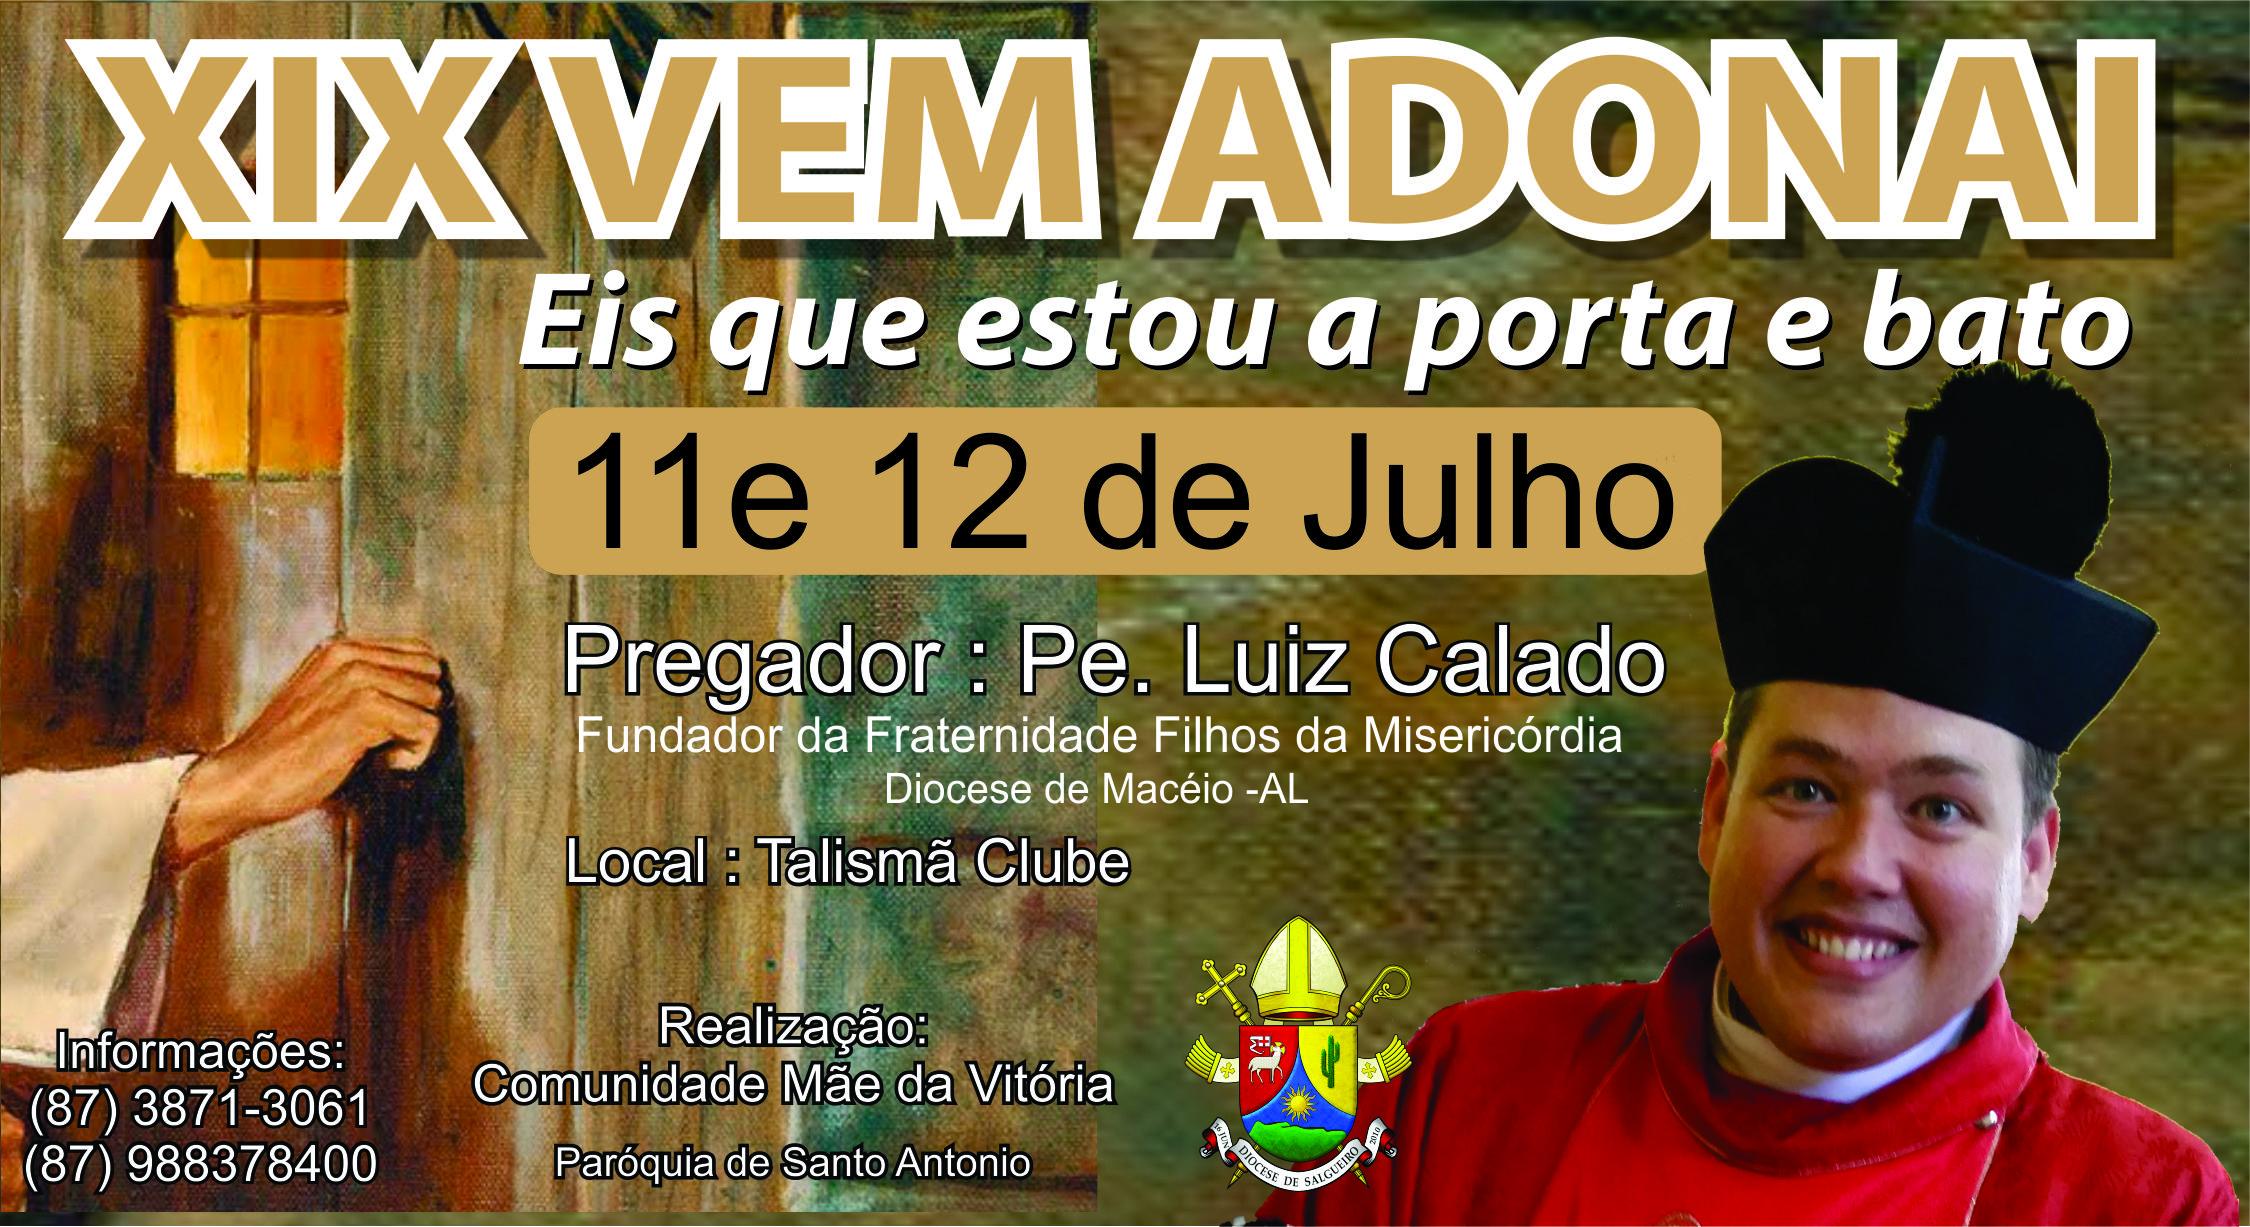 cartaz-adonai-2015-curia